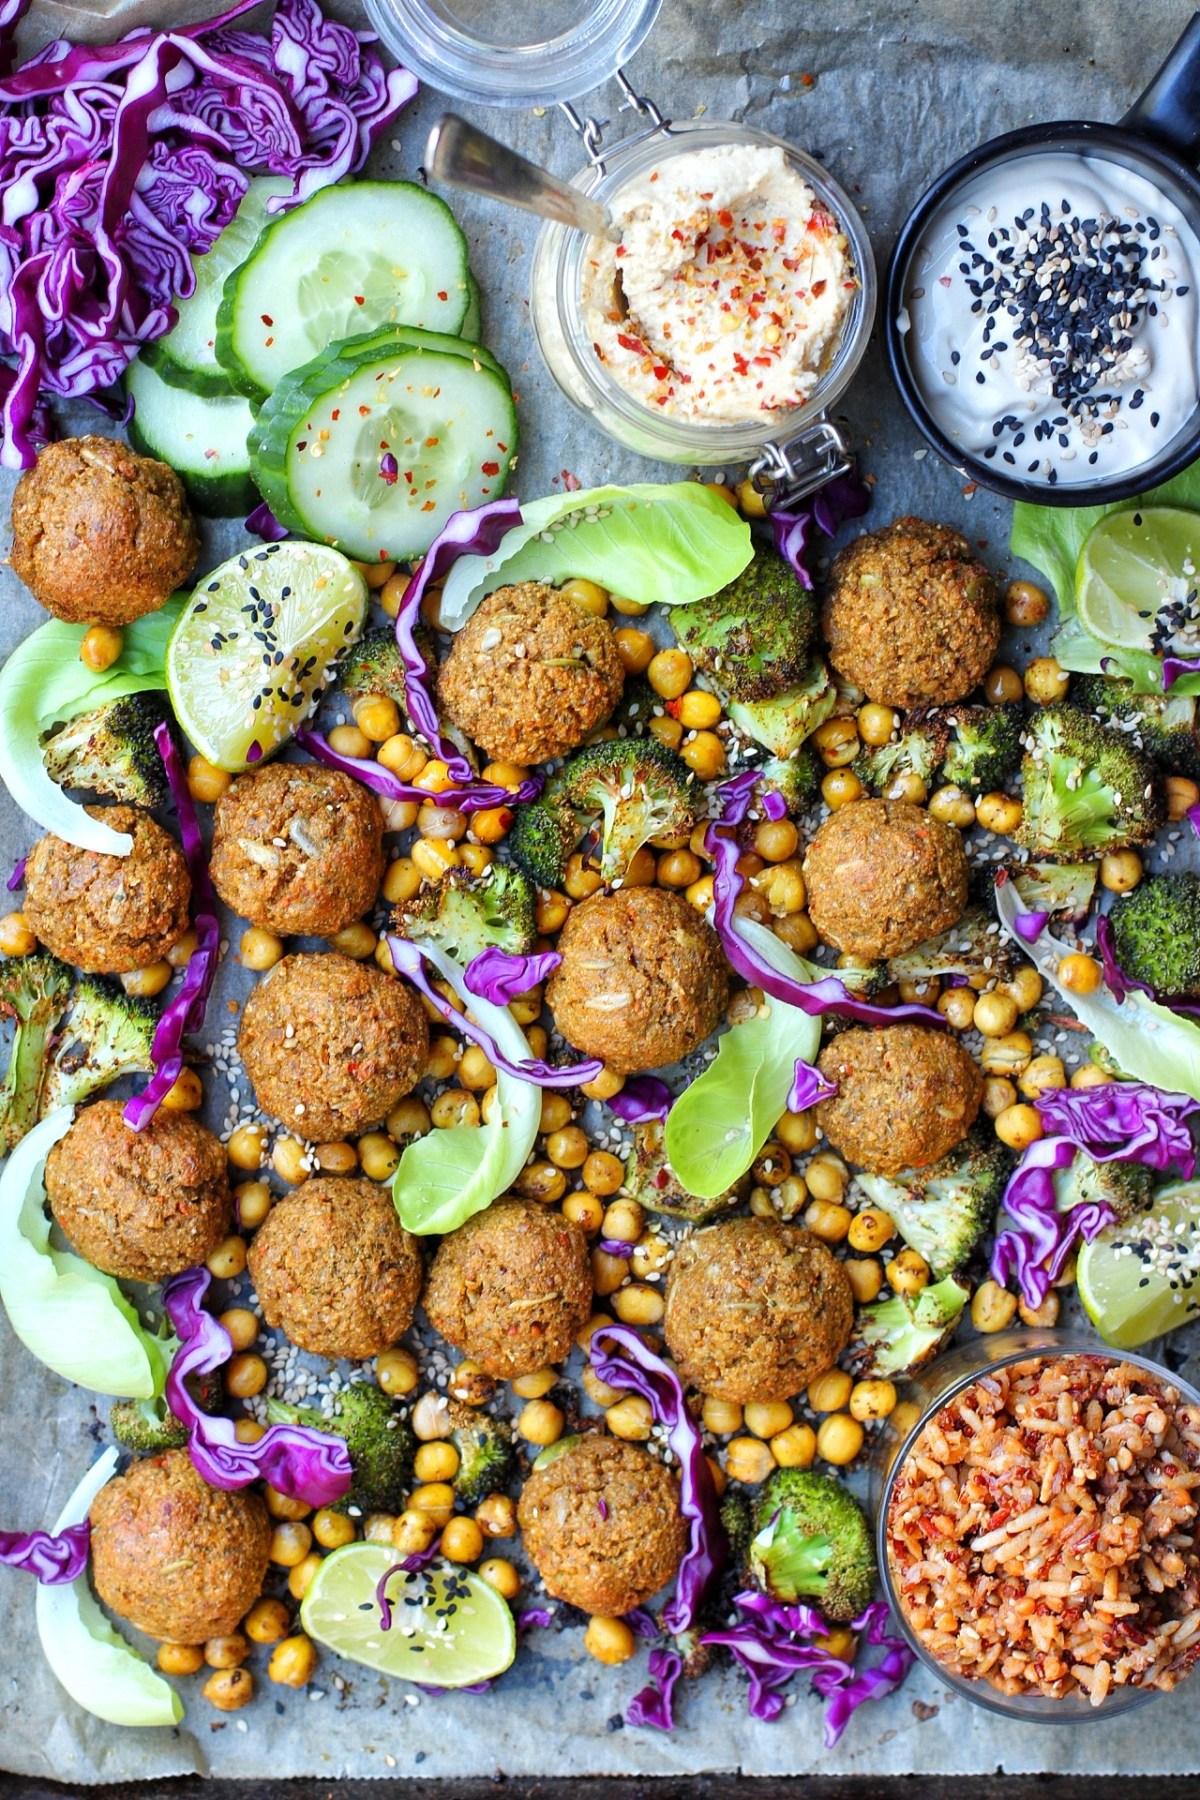 vegansk wrap med quinoabollar, rostad broccoli, kikärtor, sojamajonnäs, jordnötshuummus, rödkål och gurka